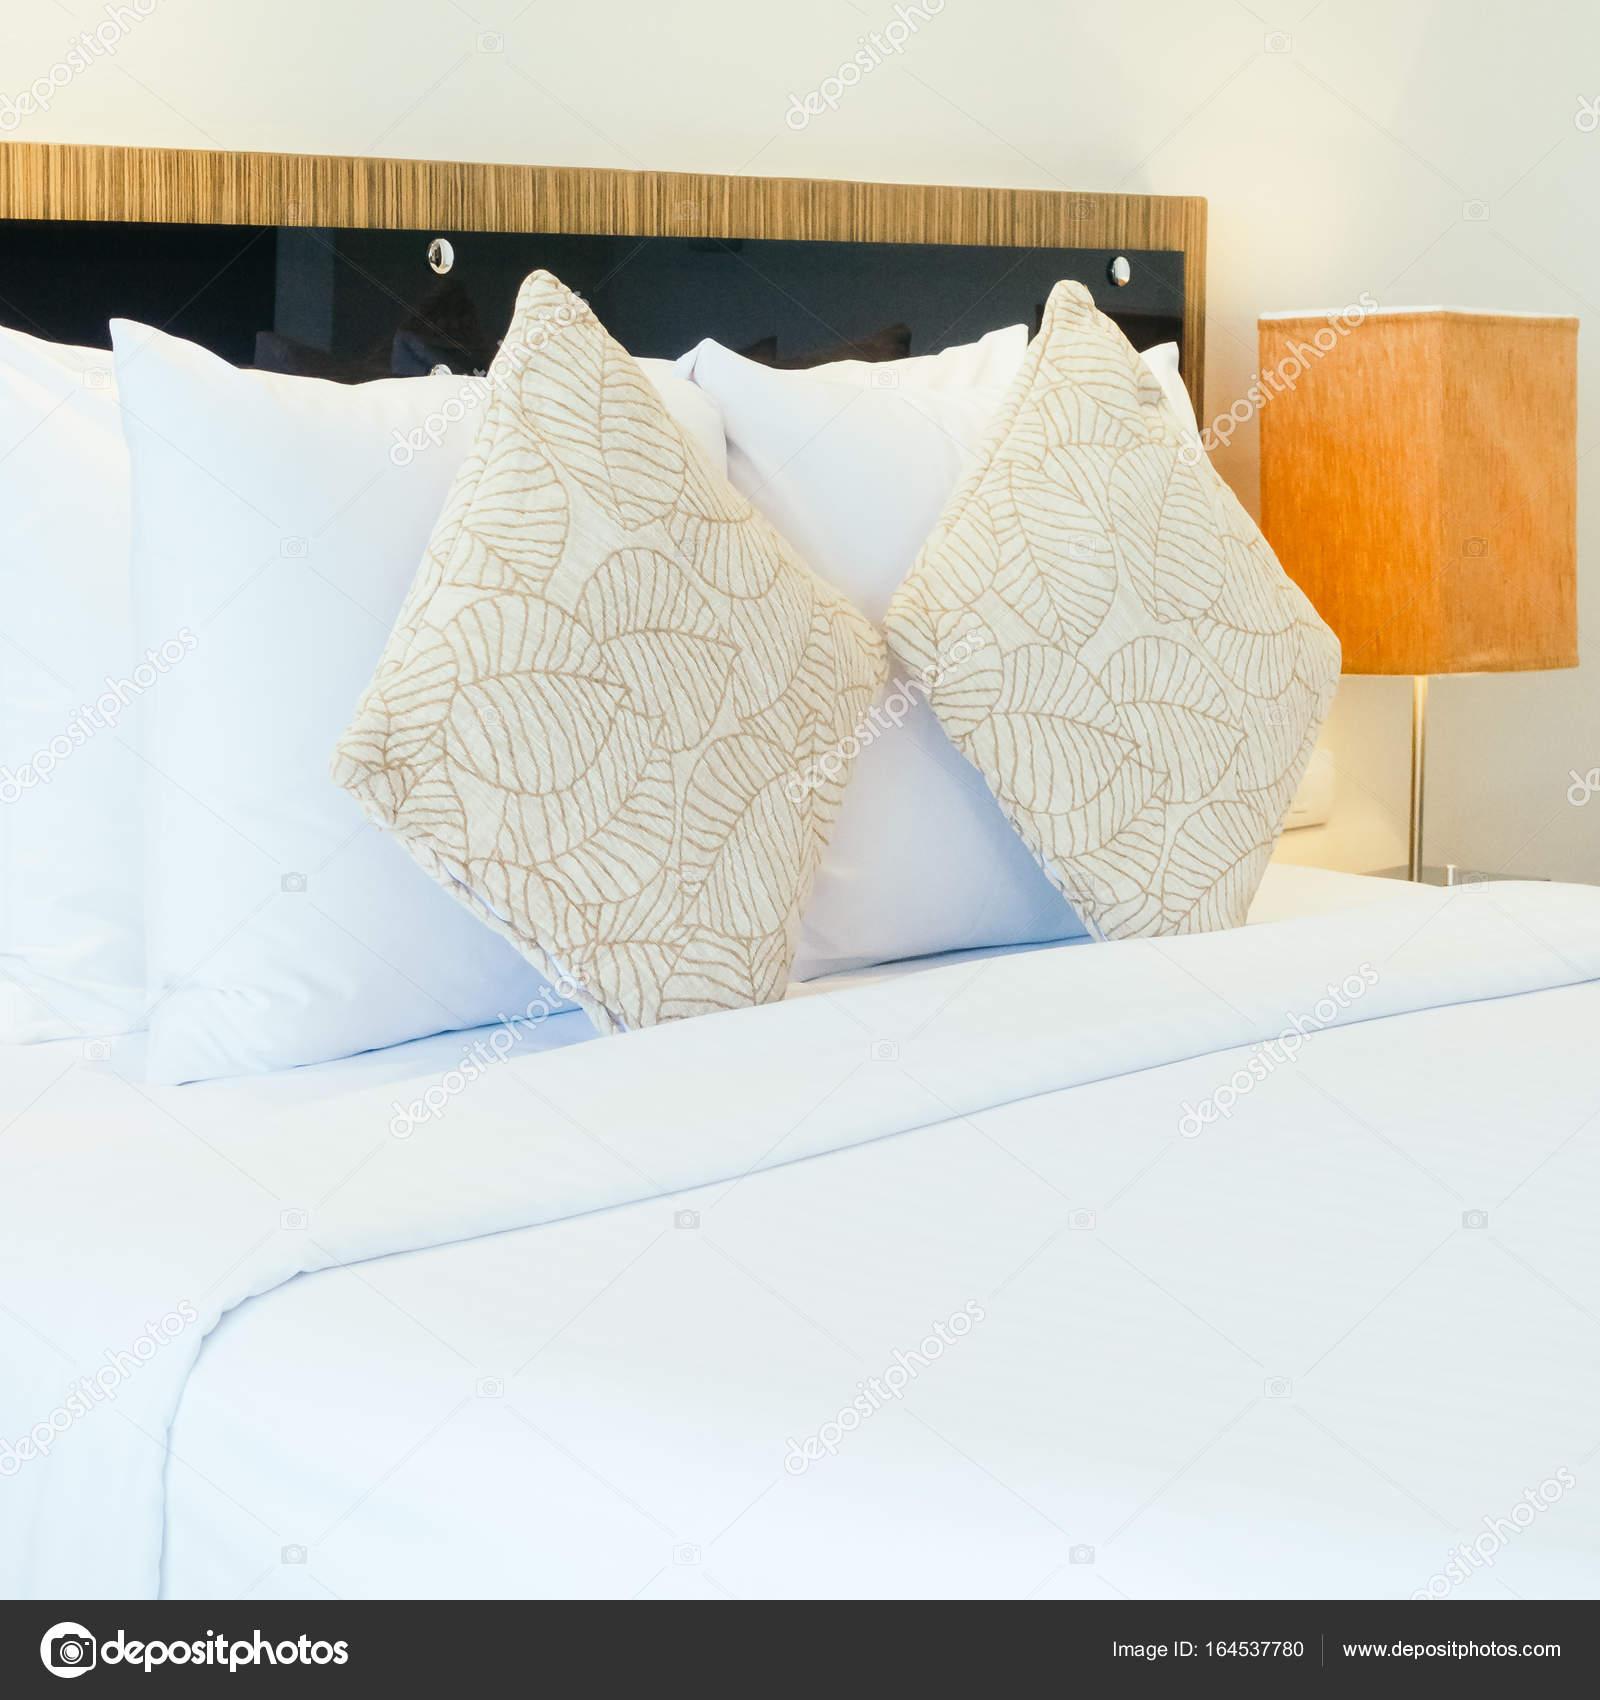 https://st3.depositphotos.com/1875497/16453/i/1600/depositphotos_164537780-stockafbeelding-kussens-op-bed-decoratie-interieur.jpg